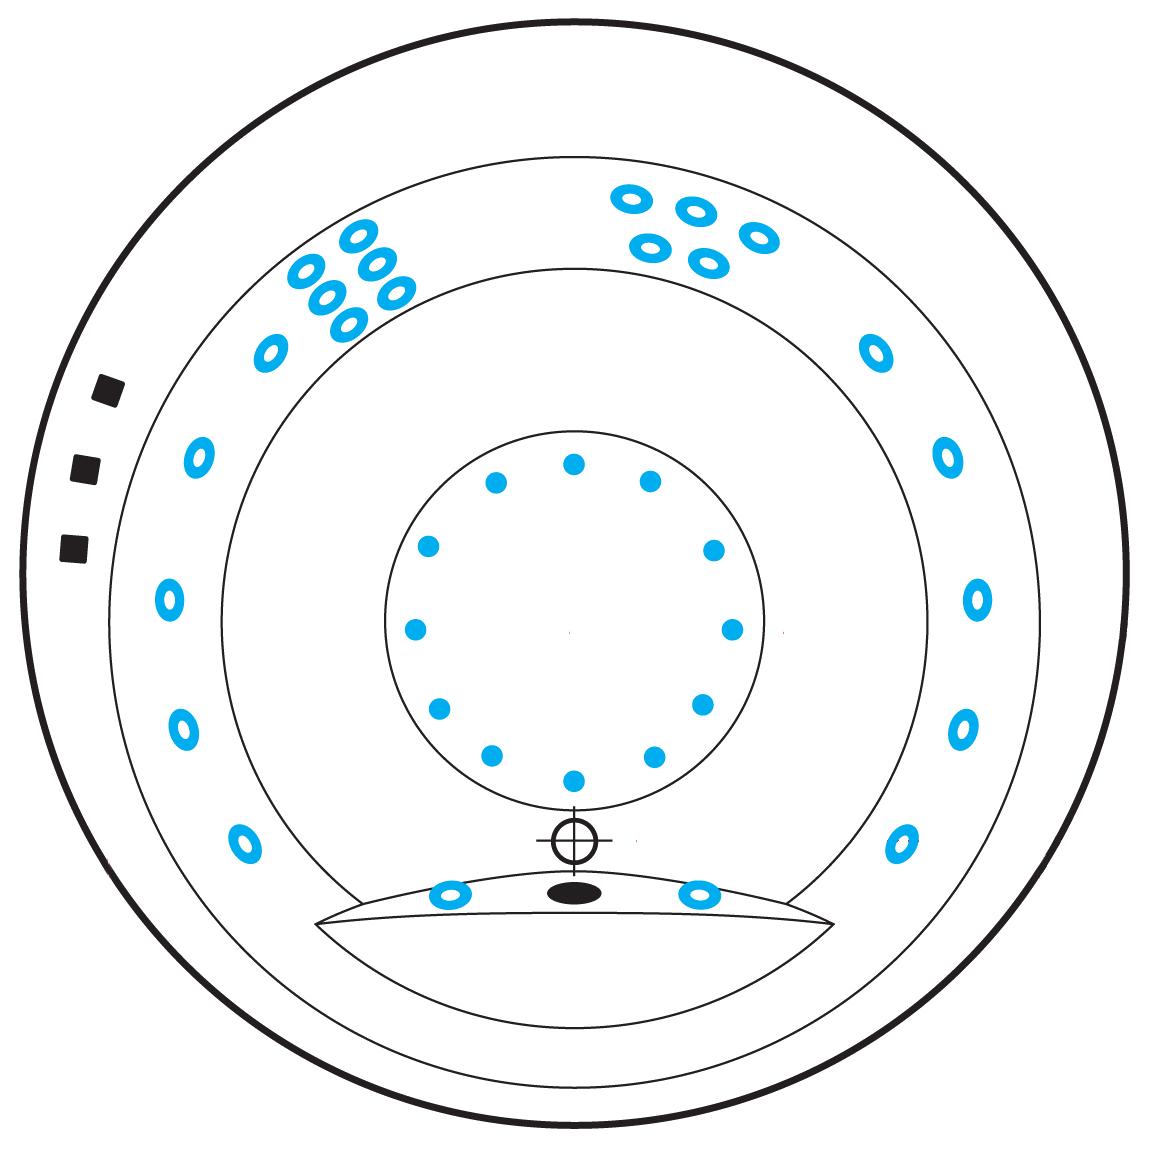 koller гидромассажные системы инструкция по експлуатации